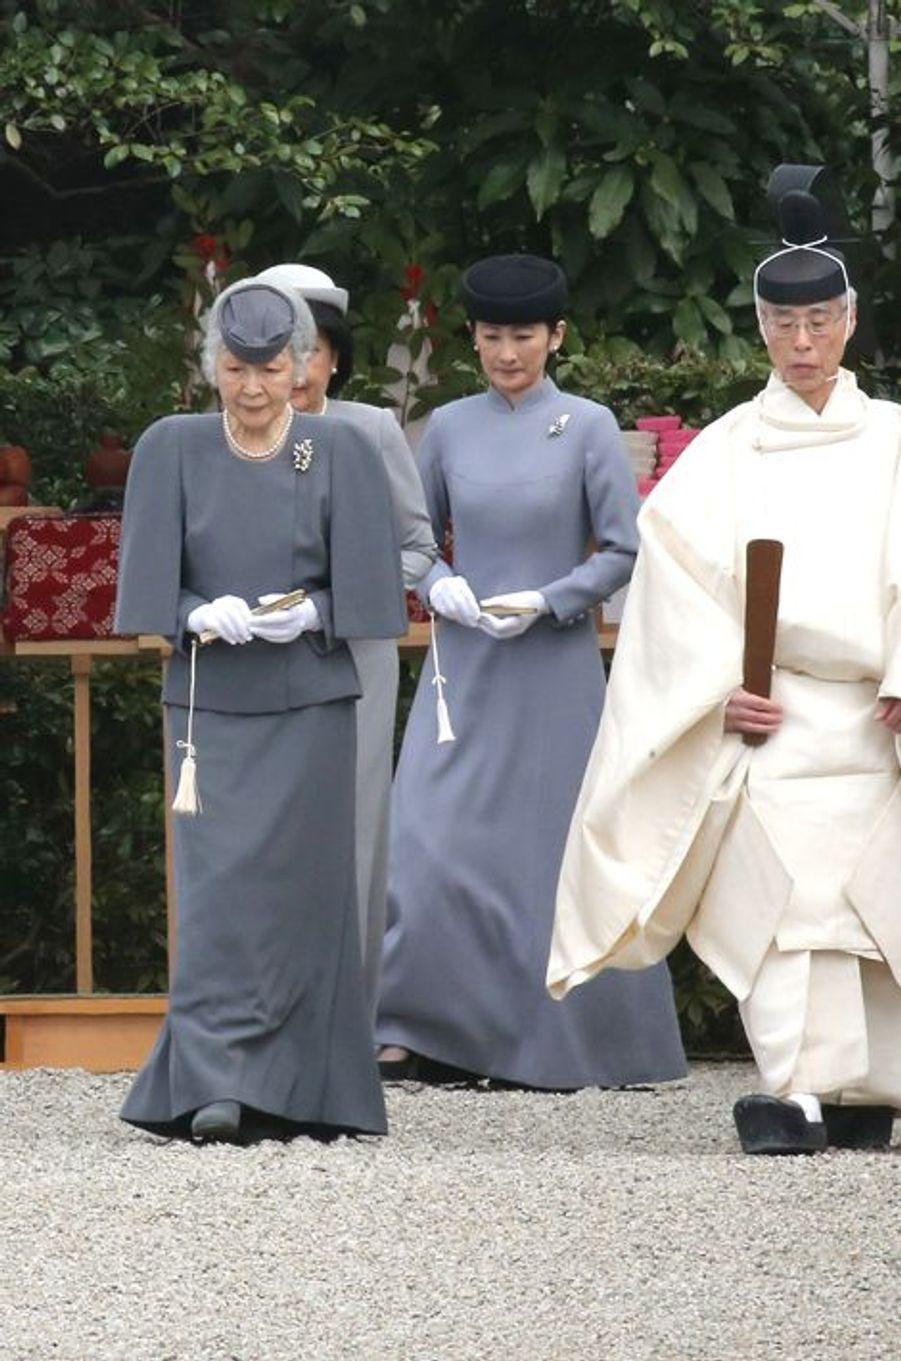 Ce dimanche 3 avril, l'empereur Akihito, accompagné de l'impératrice Michiko, du prince Akishino et de la princesse Kiko, a rendu hommage au premier empereur du Japon Jimmu, à l'occasion du 2600e anniversaire de sa mort.Chaque dimanche, le Royal Blog de Paris Match vous propose de voir ou revoir les plus belles photographies de la semaine royale.